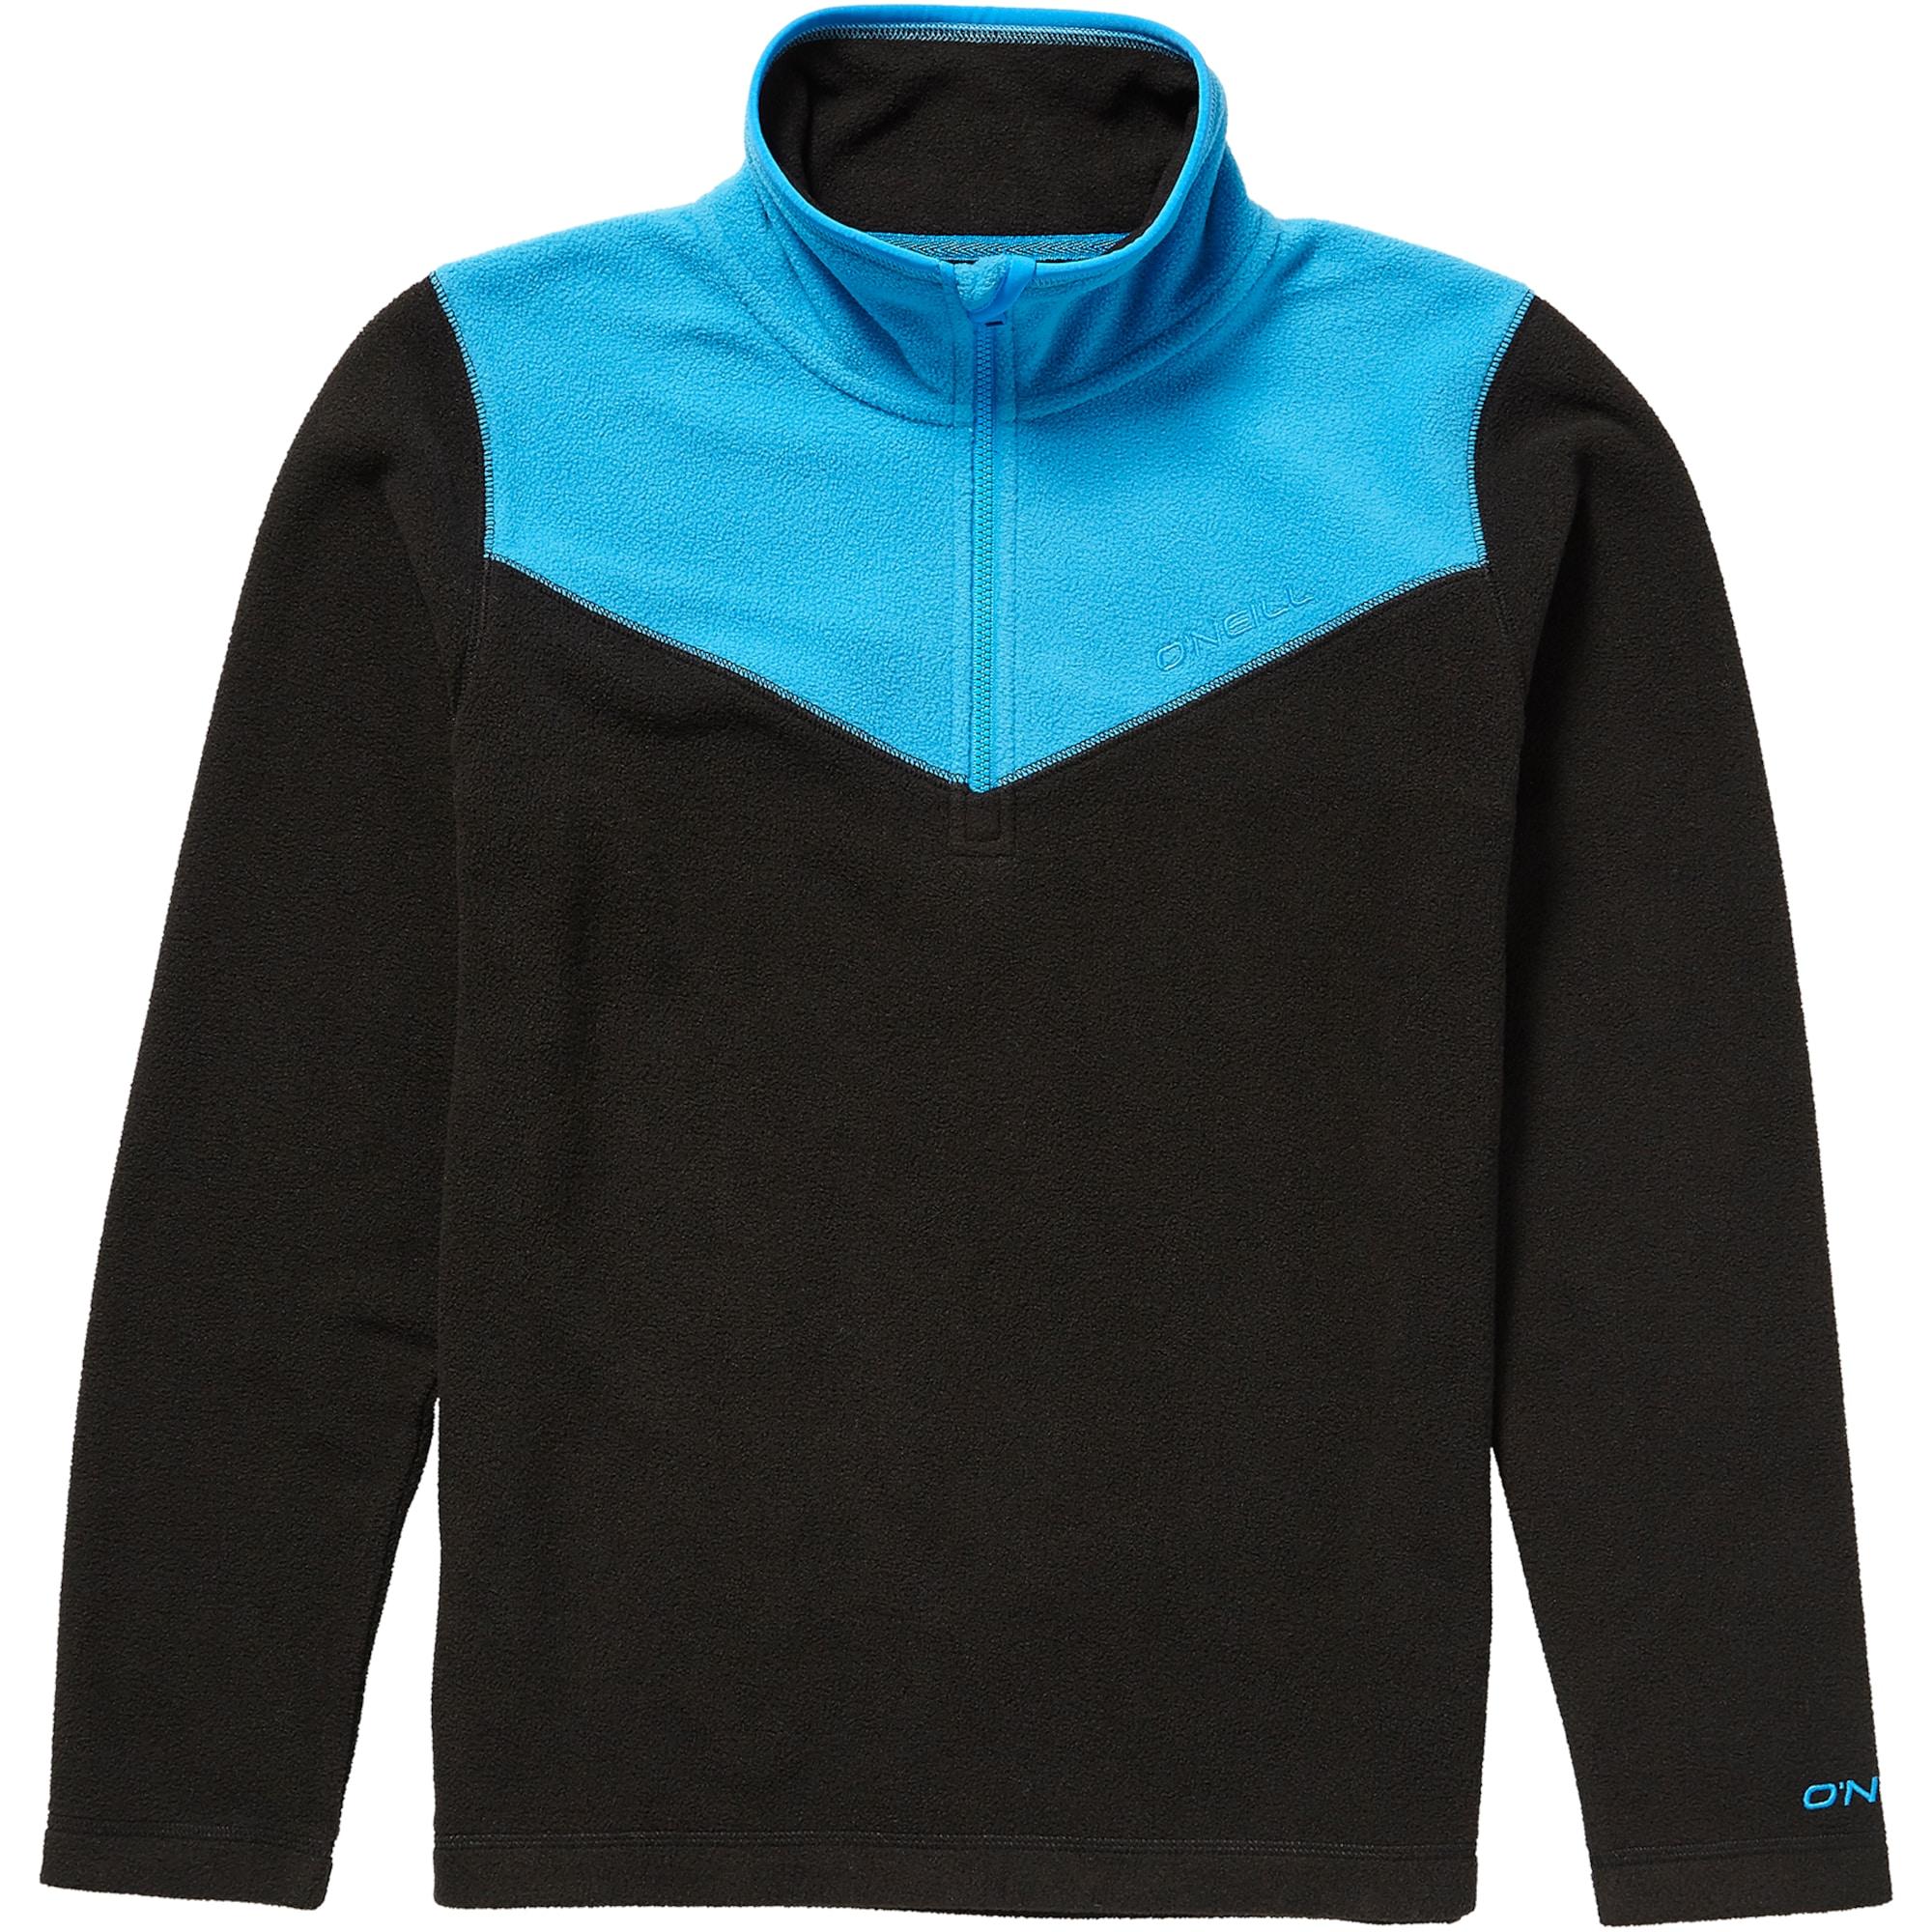 ONEILL Sportovní svetr PB RAILS HZ FLEECE modrá černá O'NEILL